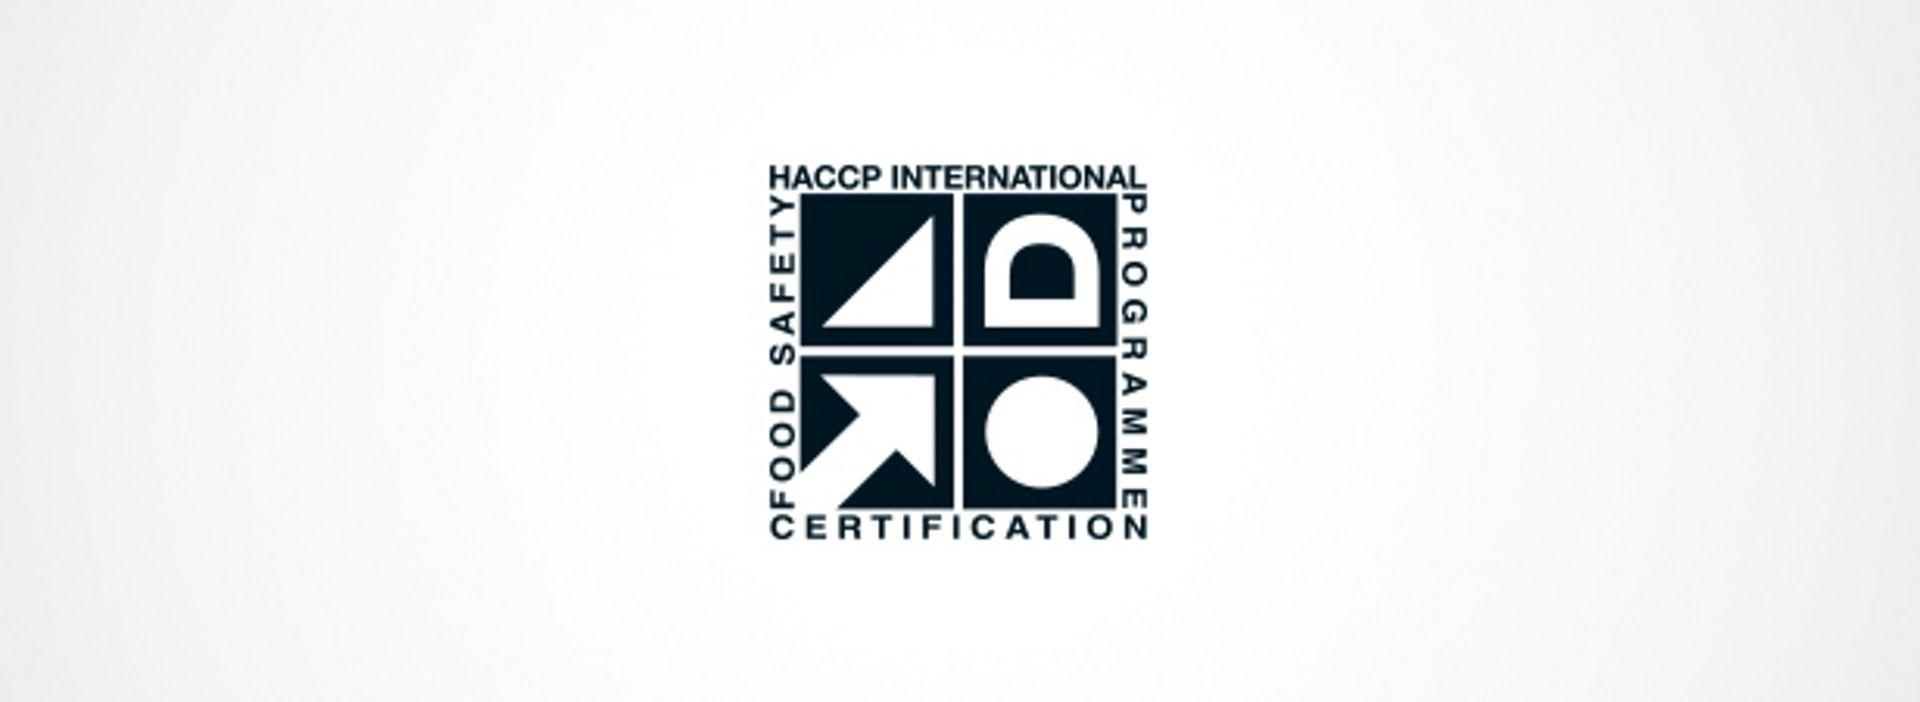 HAACP logo